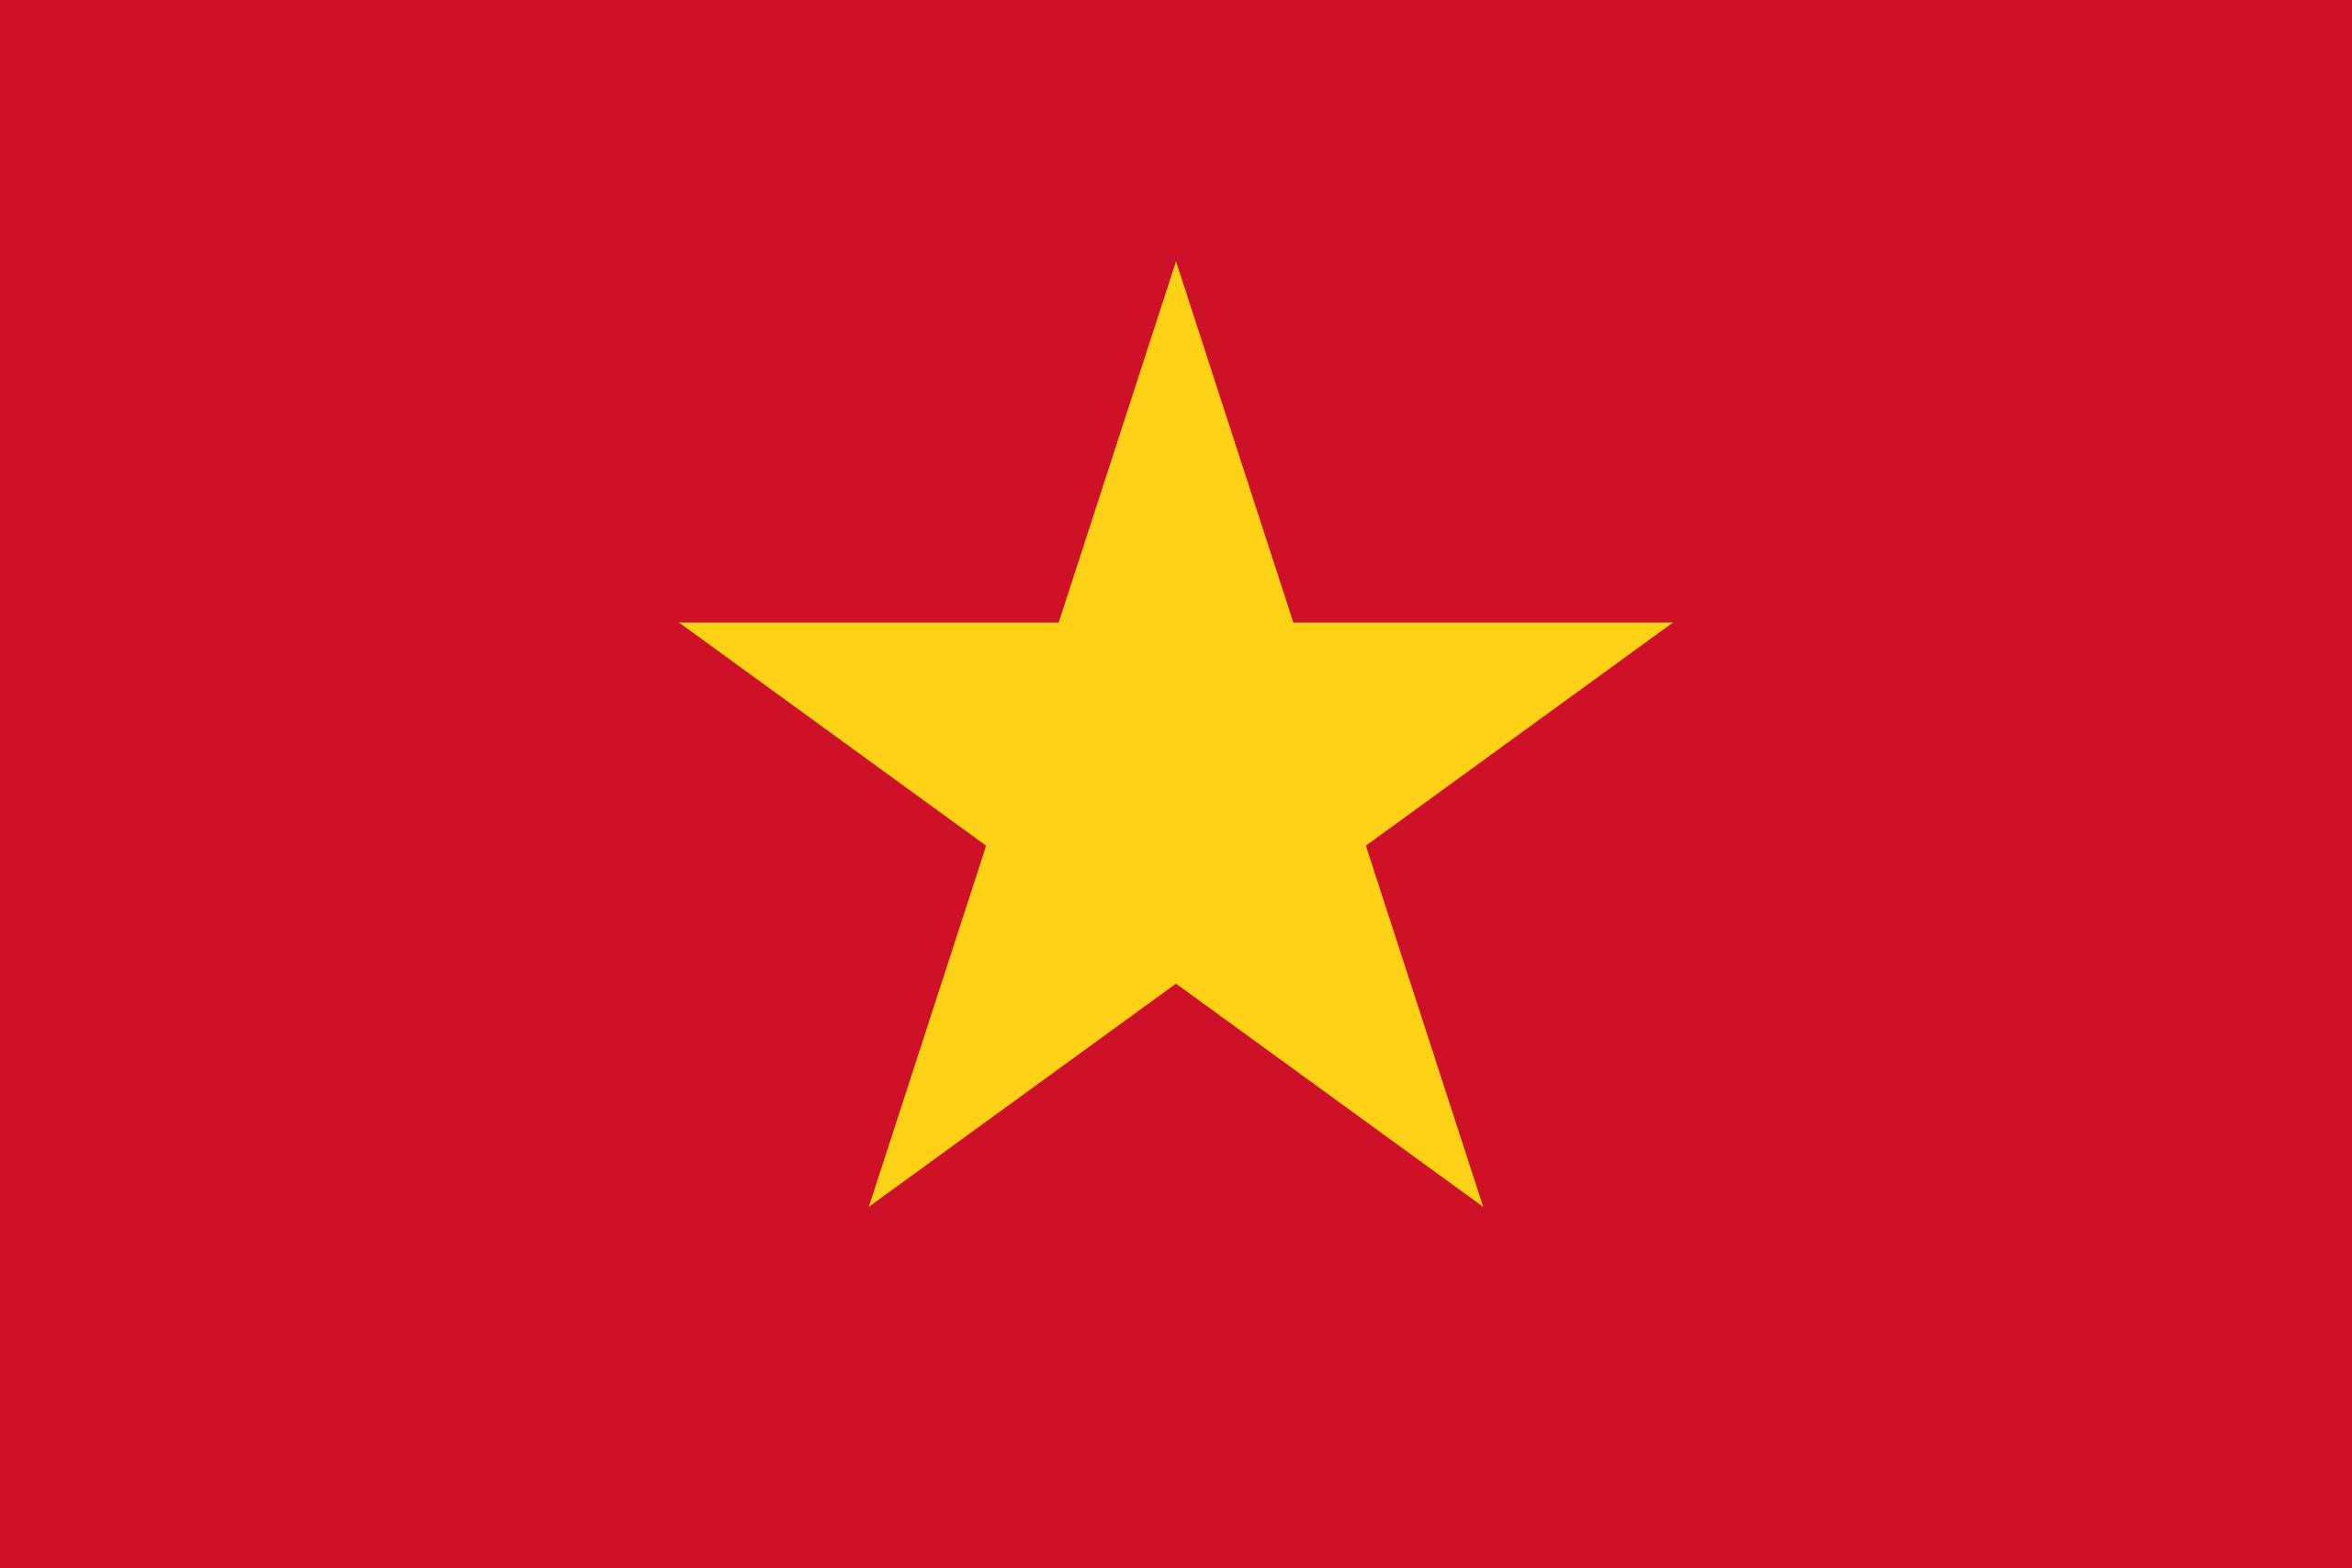 Вьетнам, страна, Эмблема, логотип, символ - Обои HD - Профессор falken.com